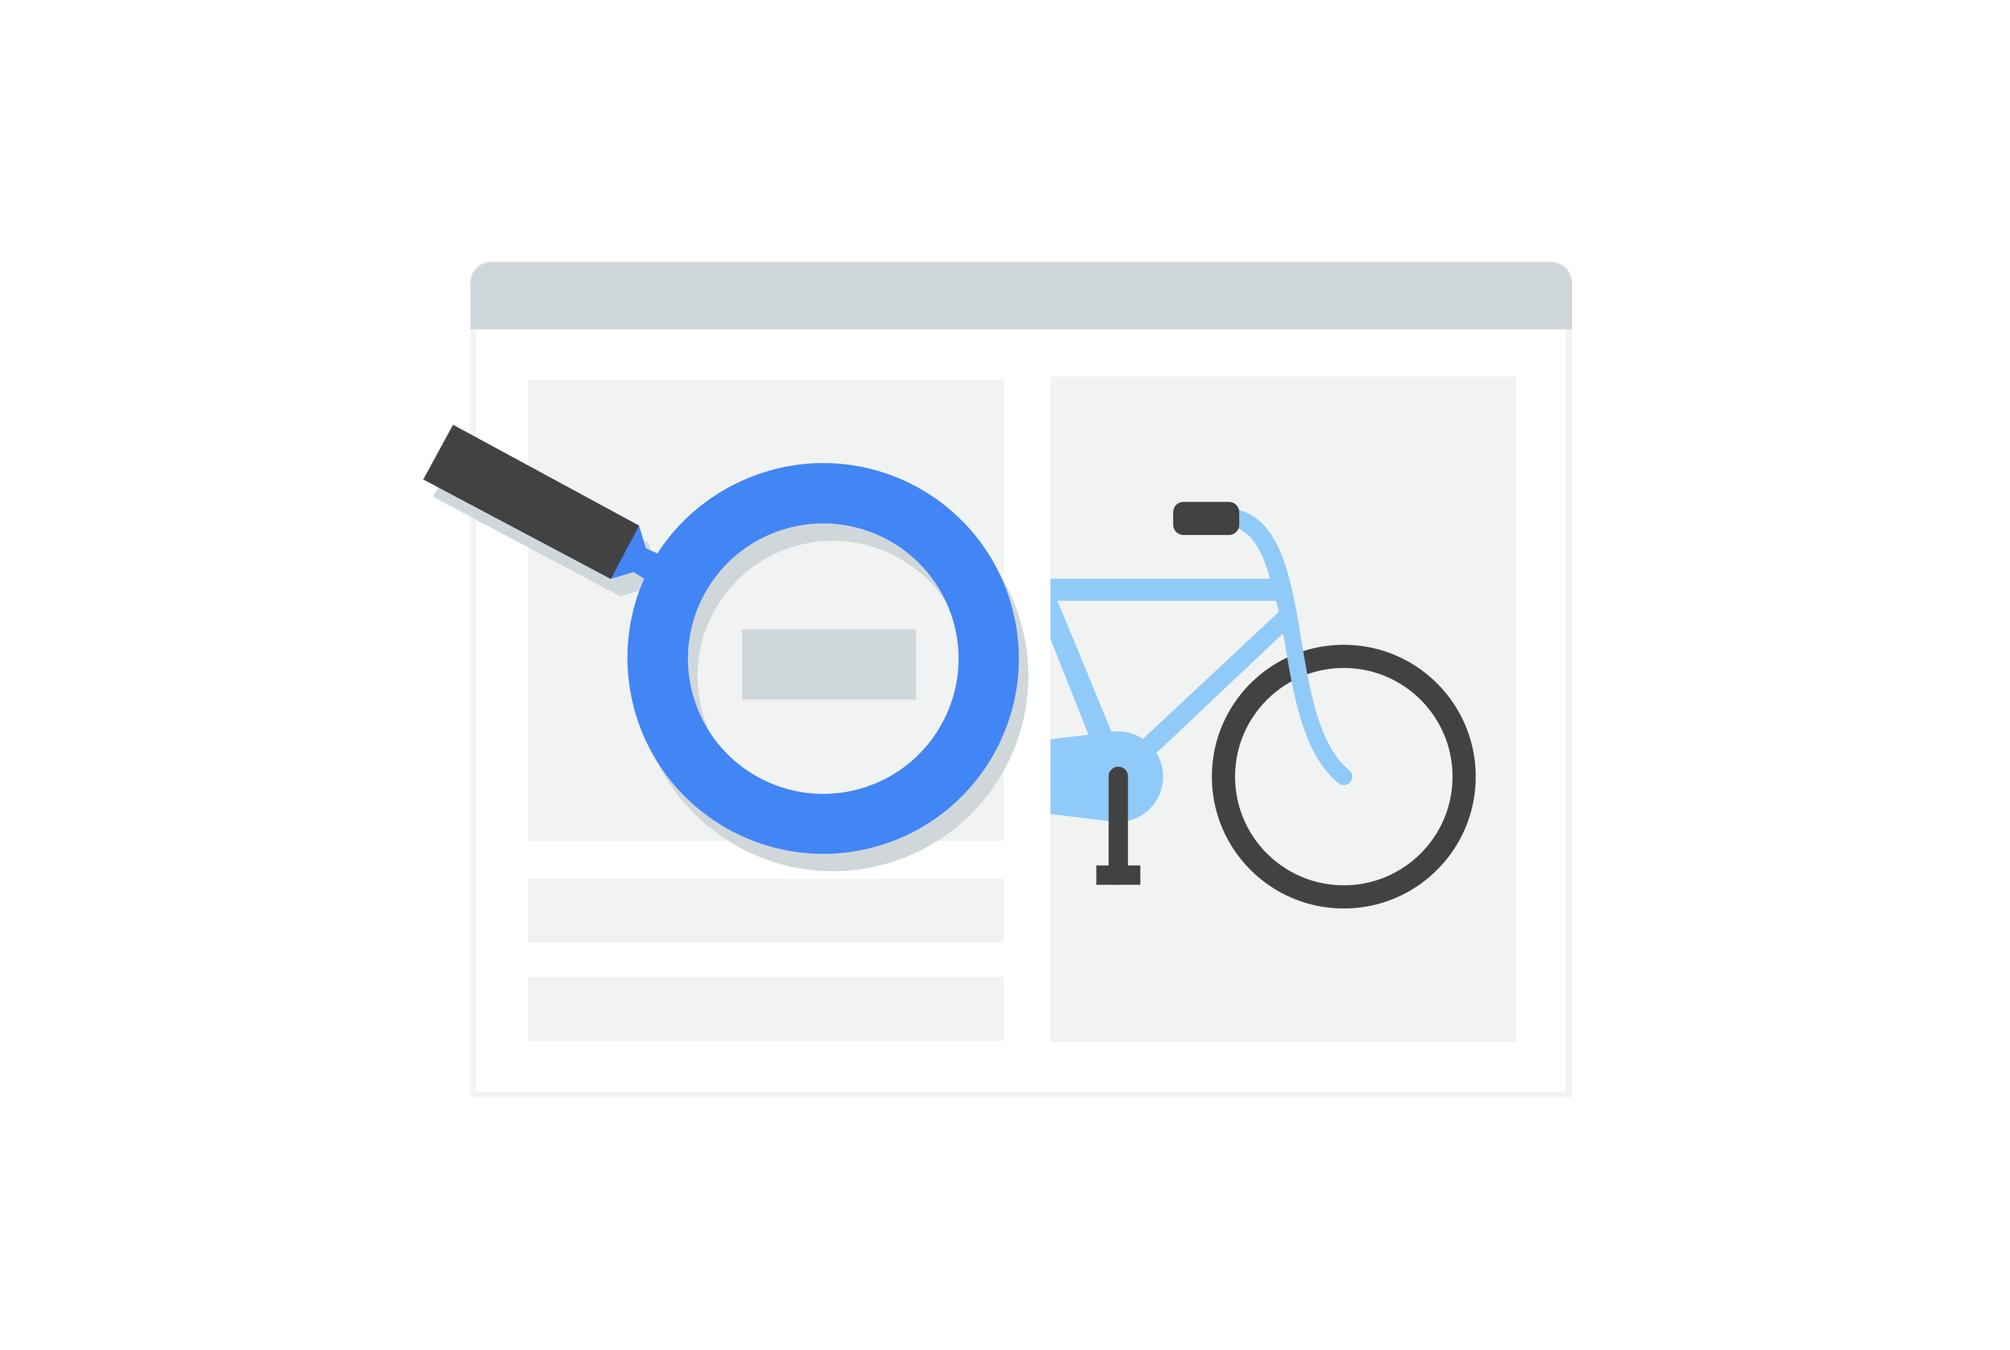 Google Search sự liên quan các trang web